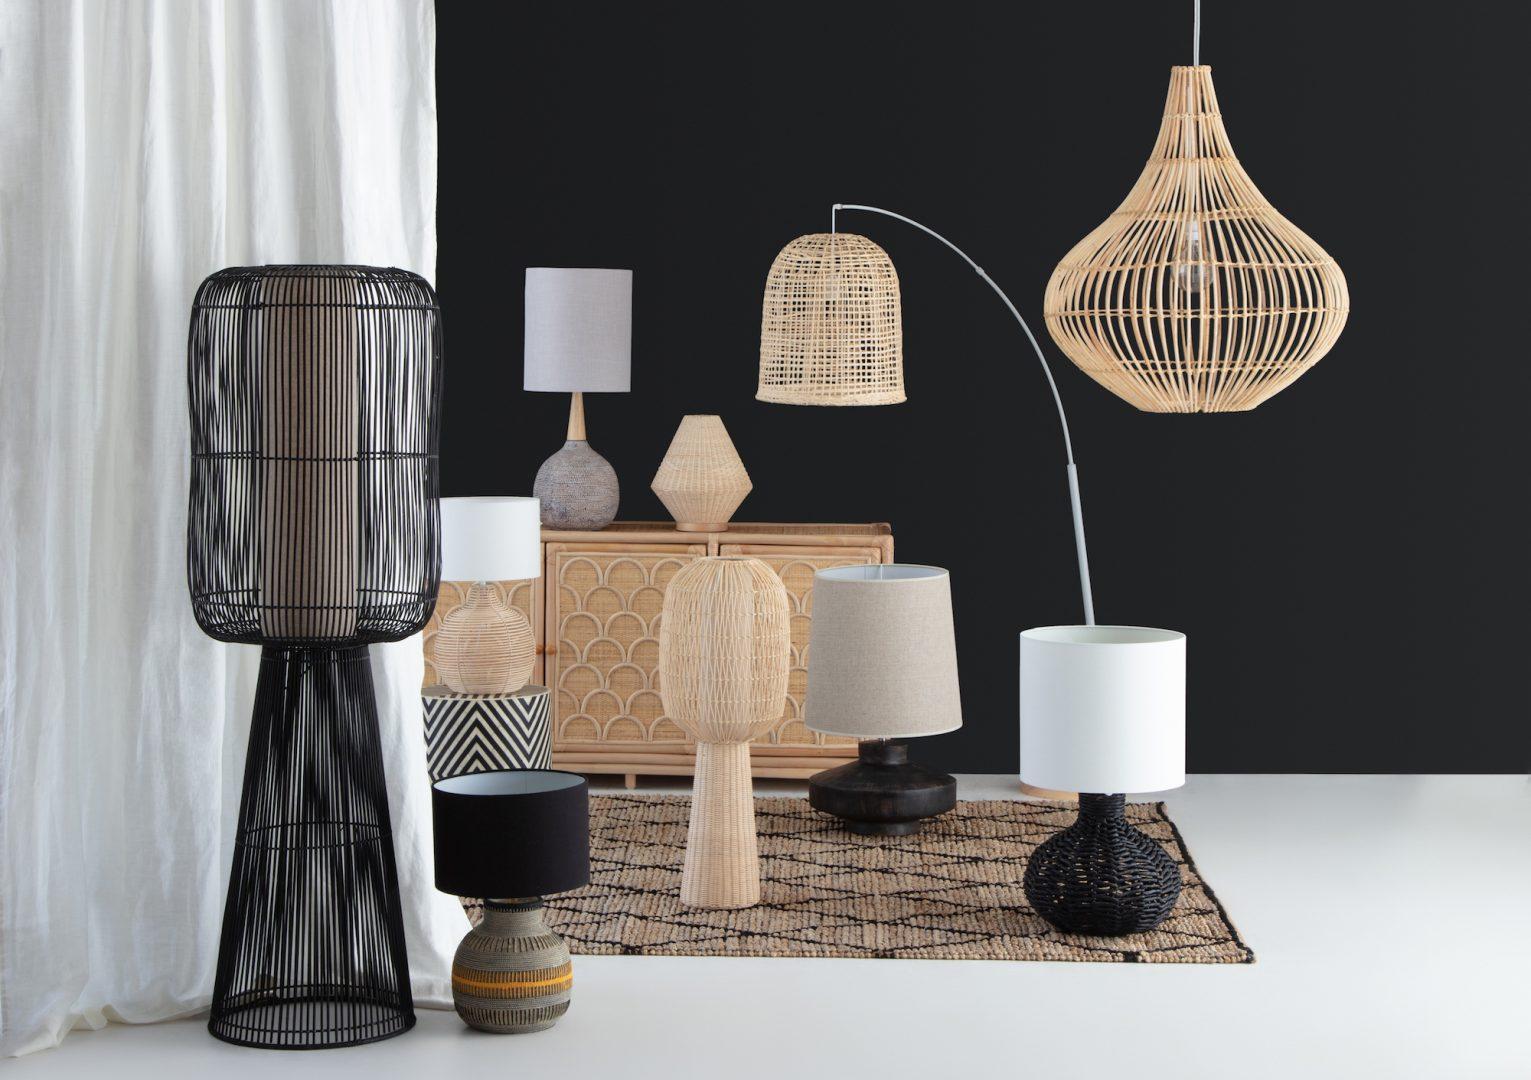 oz-design-furniture-lighting-flaunter